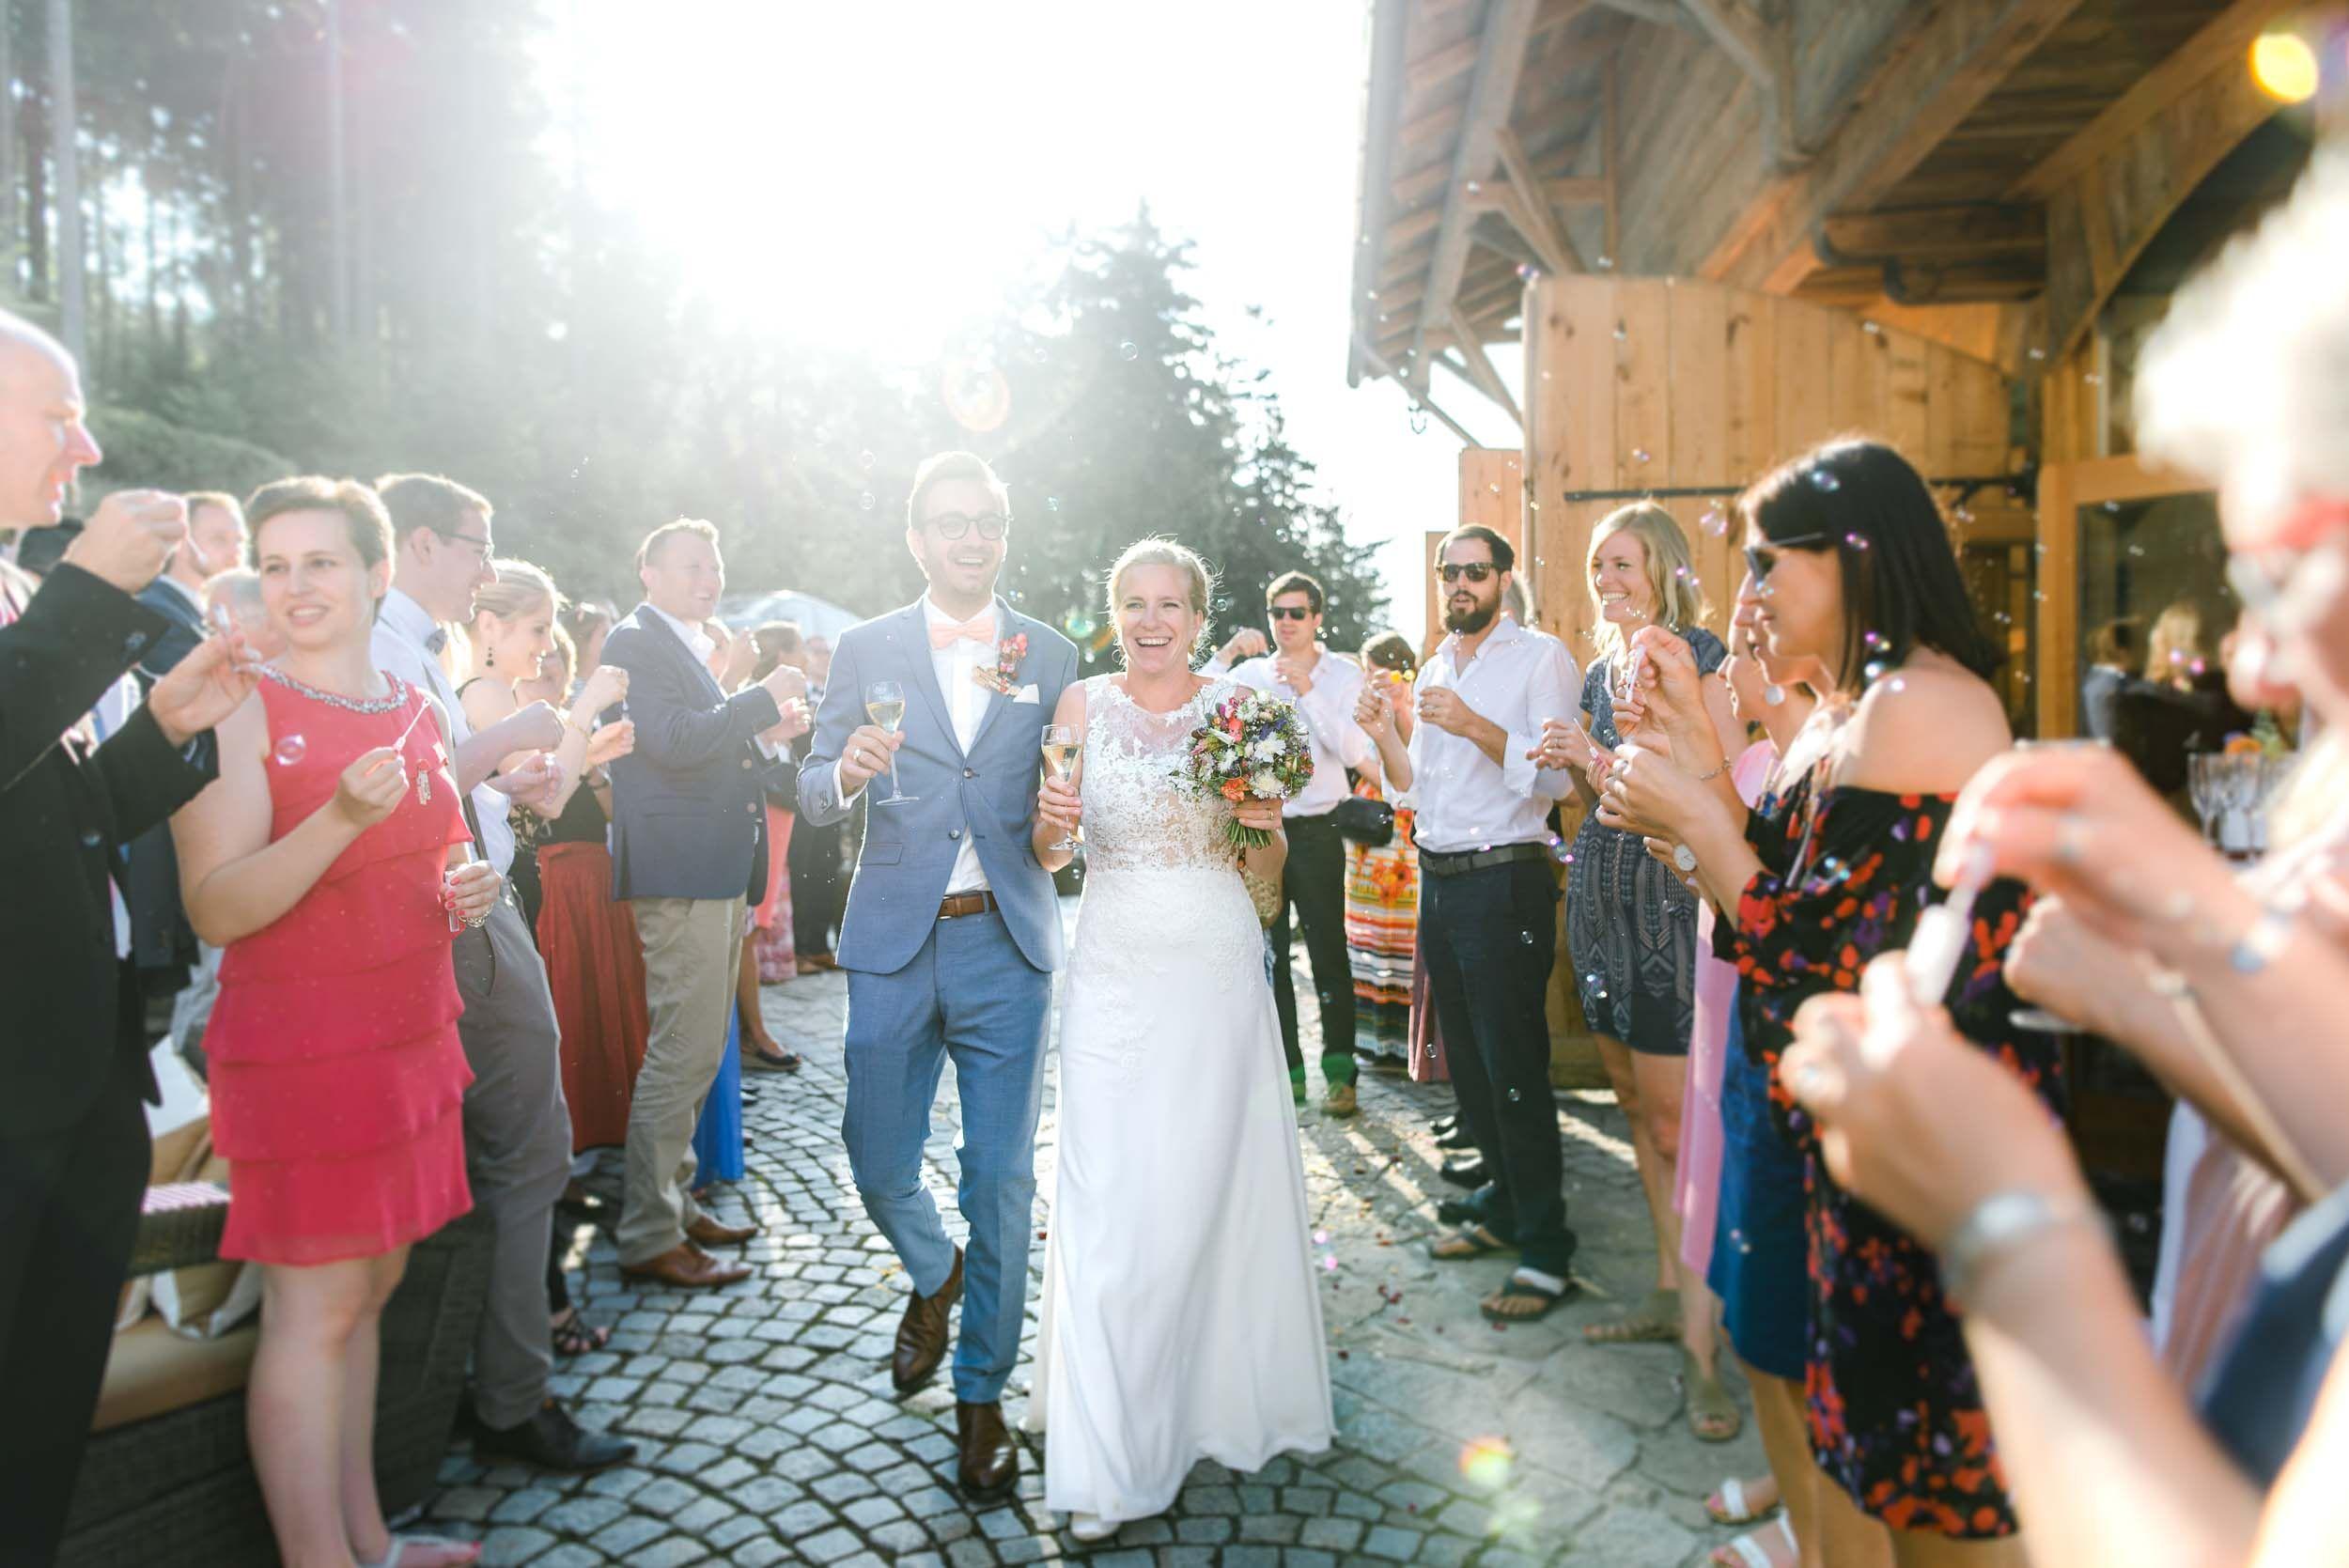 Berghochzeit Almhochzeit Im Bayerischen Wald Hochzeitsfotografin Veronika Anna Fotografie Berghochzeit Hochzeit Hochzeitsfotograf